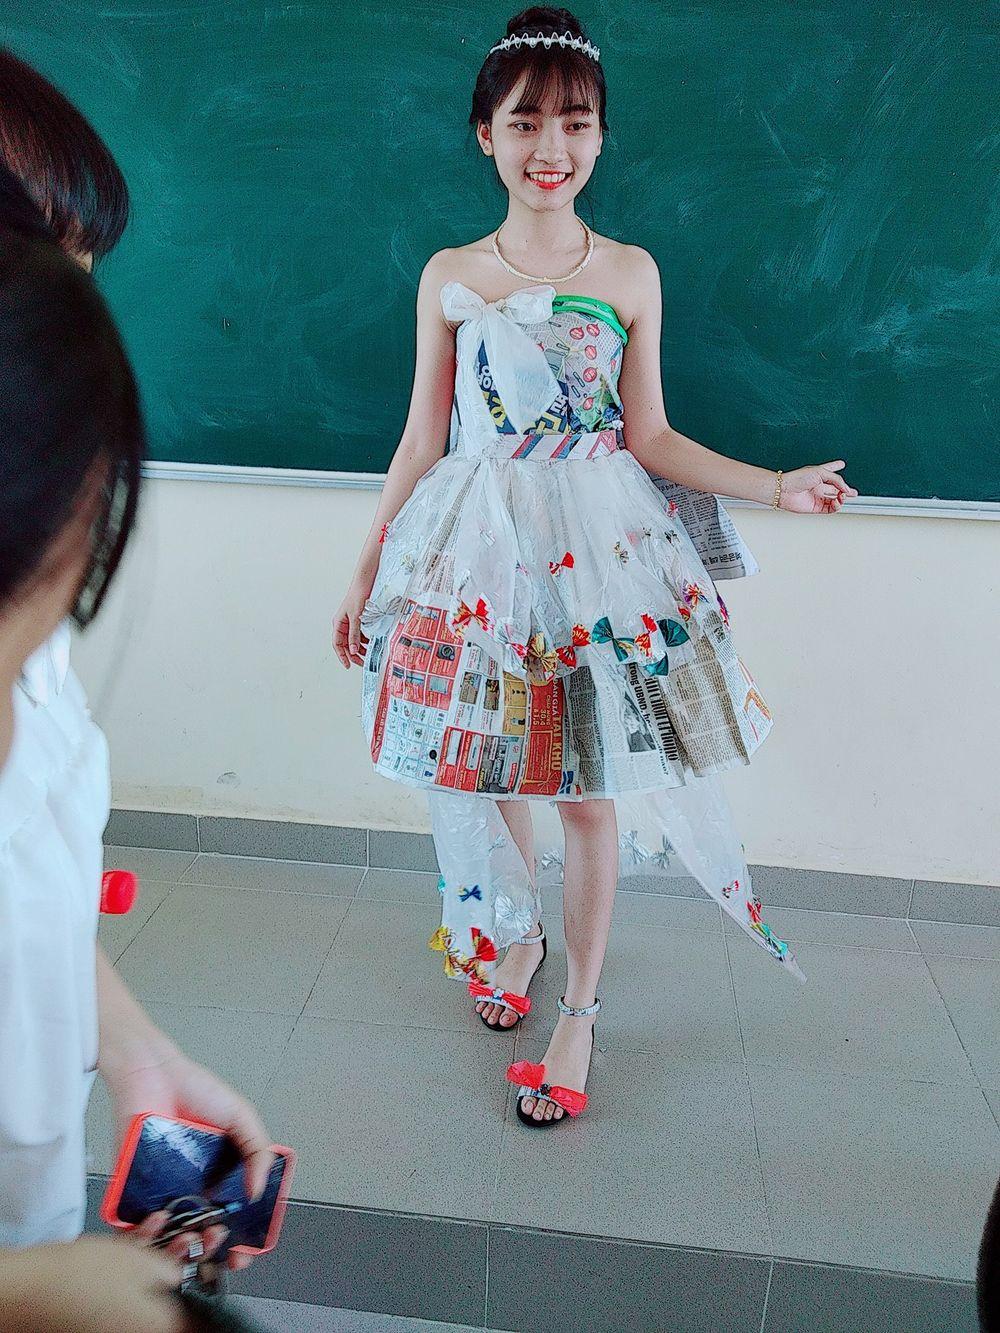 Dưới đây là một số hình ảnh của các bạn học sinh trong những bộ trang phục tái  chế độc đáo.